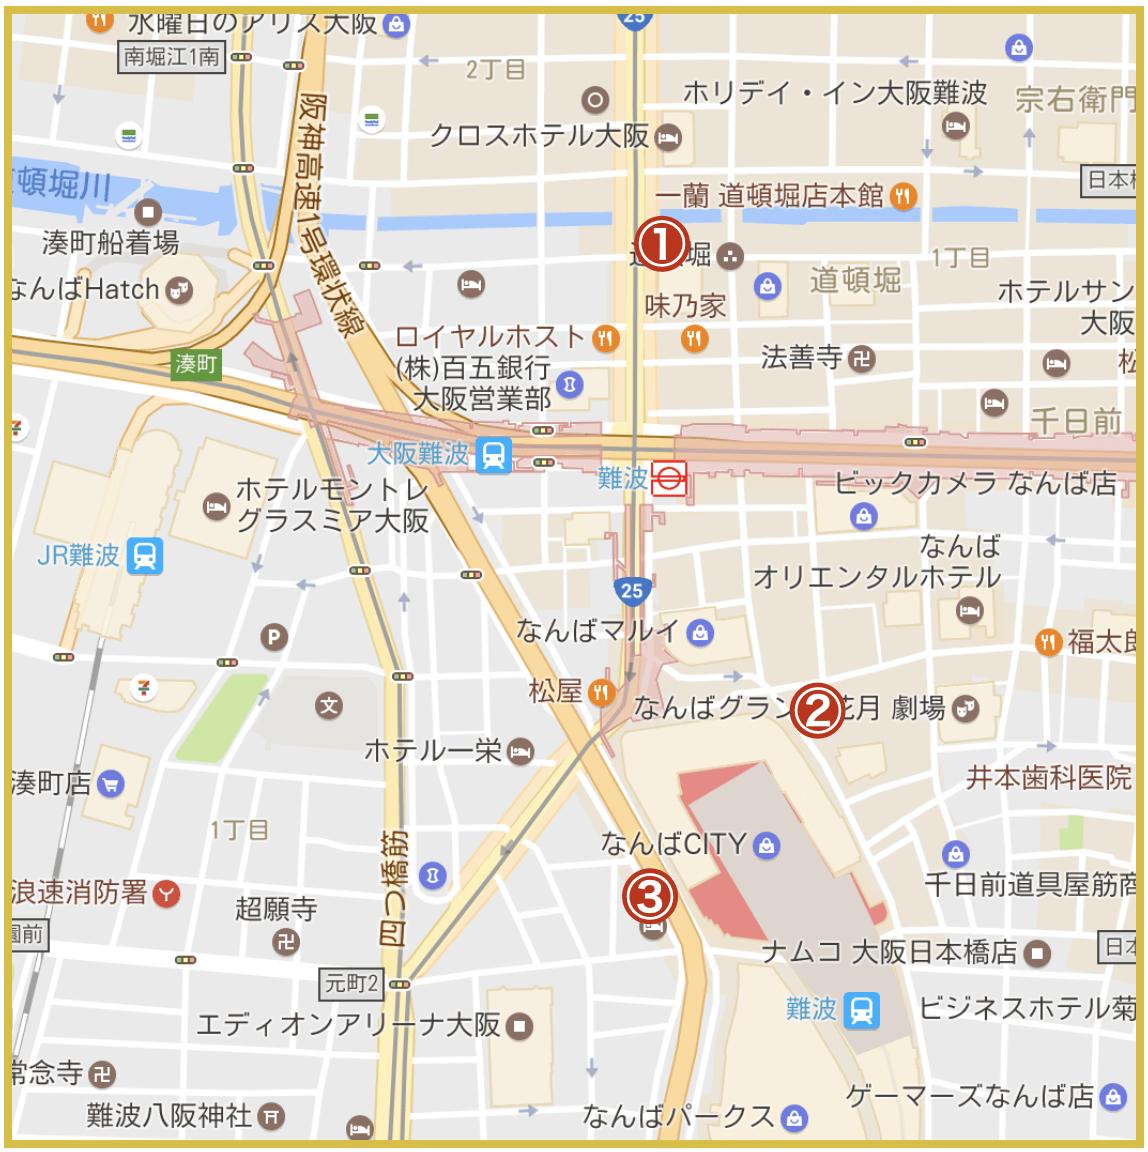 難波駅周辺にあるプロミス店舗・ATMの位置(2020年版)